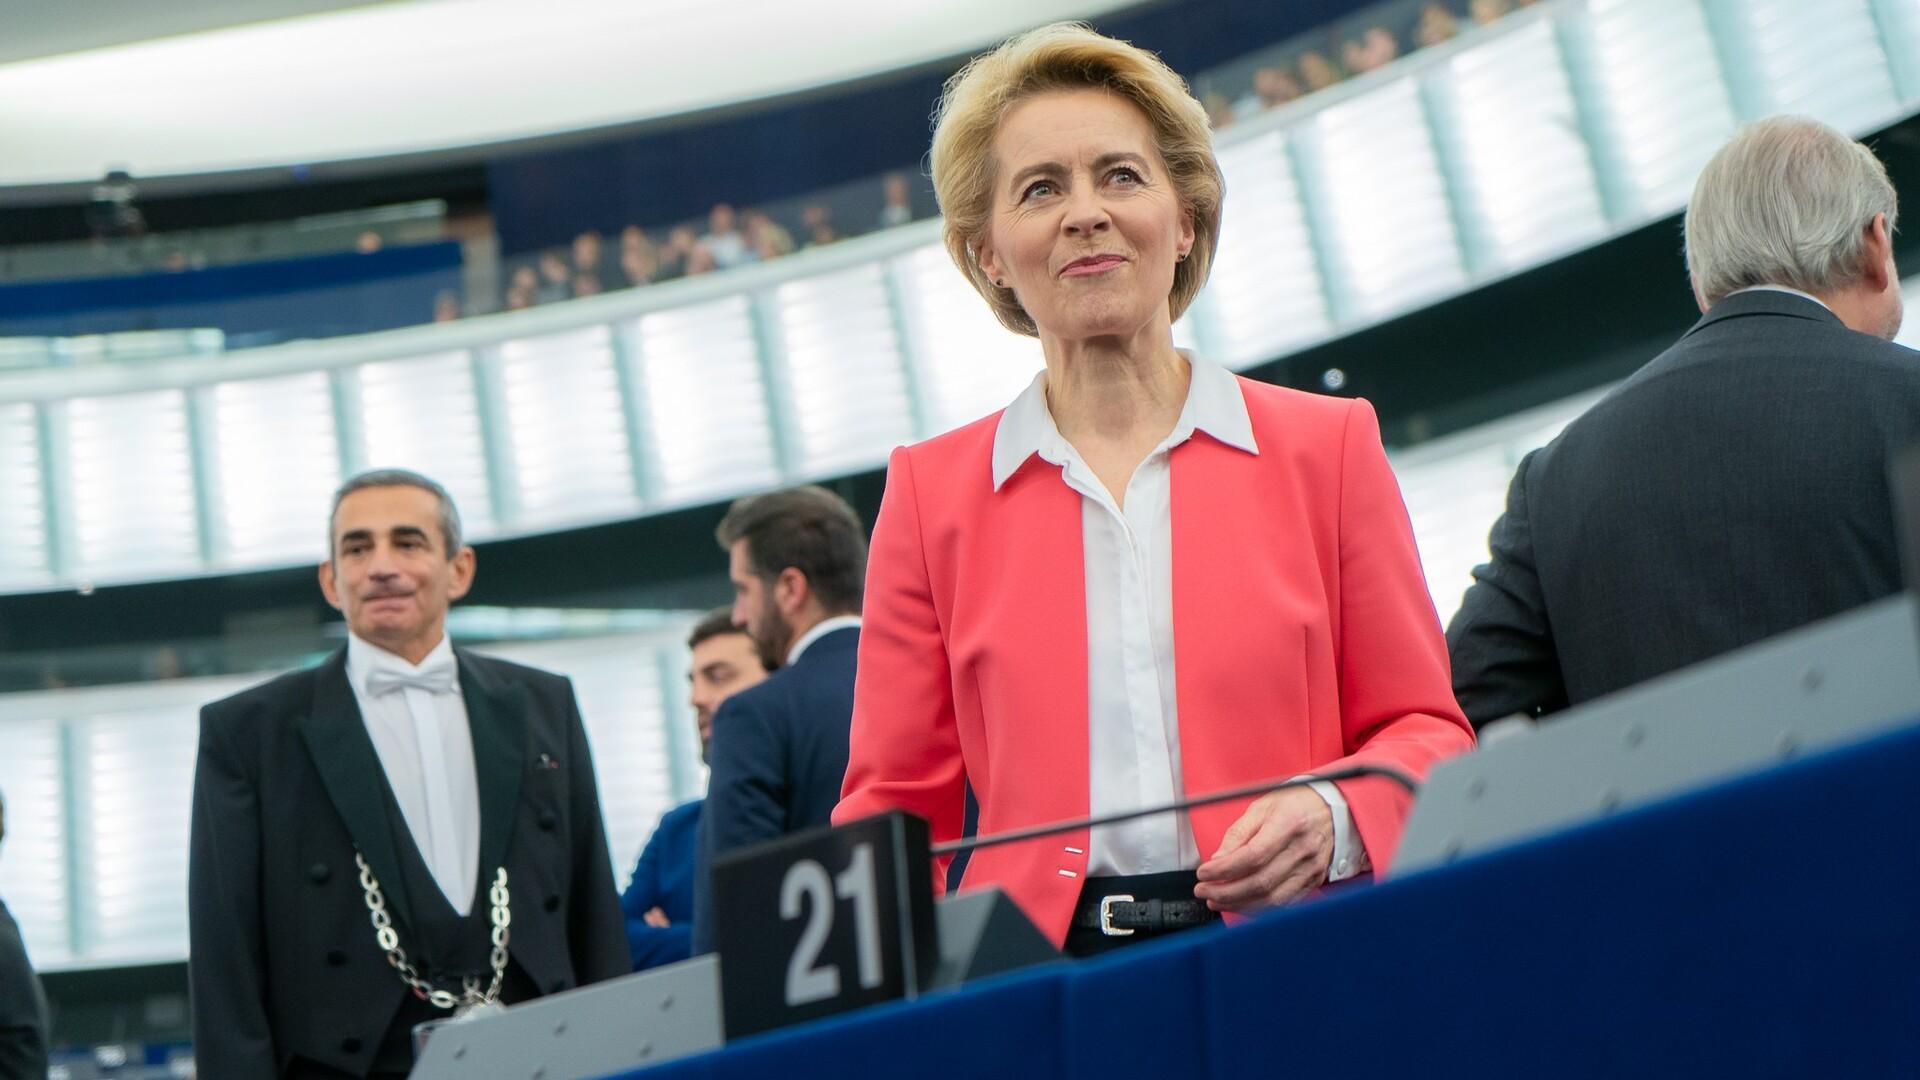 Malthe Munkøe: EU har tabt tålmodigheden med Kina og bider nu fra sig i den økonomiske stormagtskonkurrence